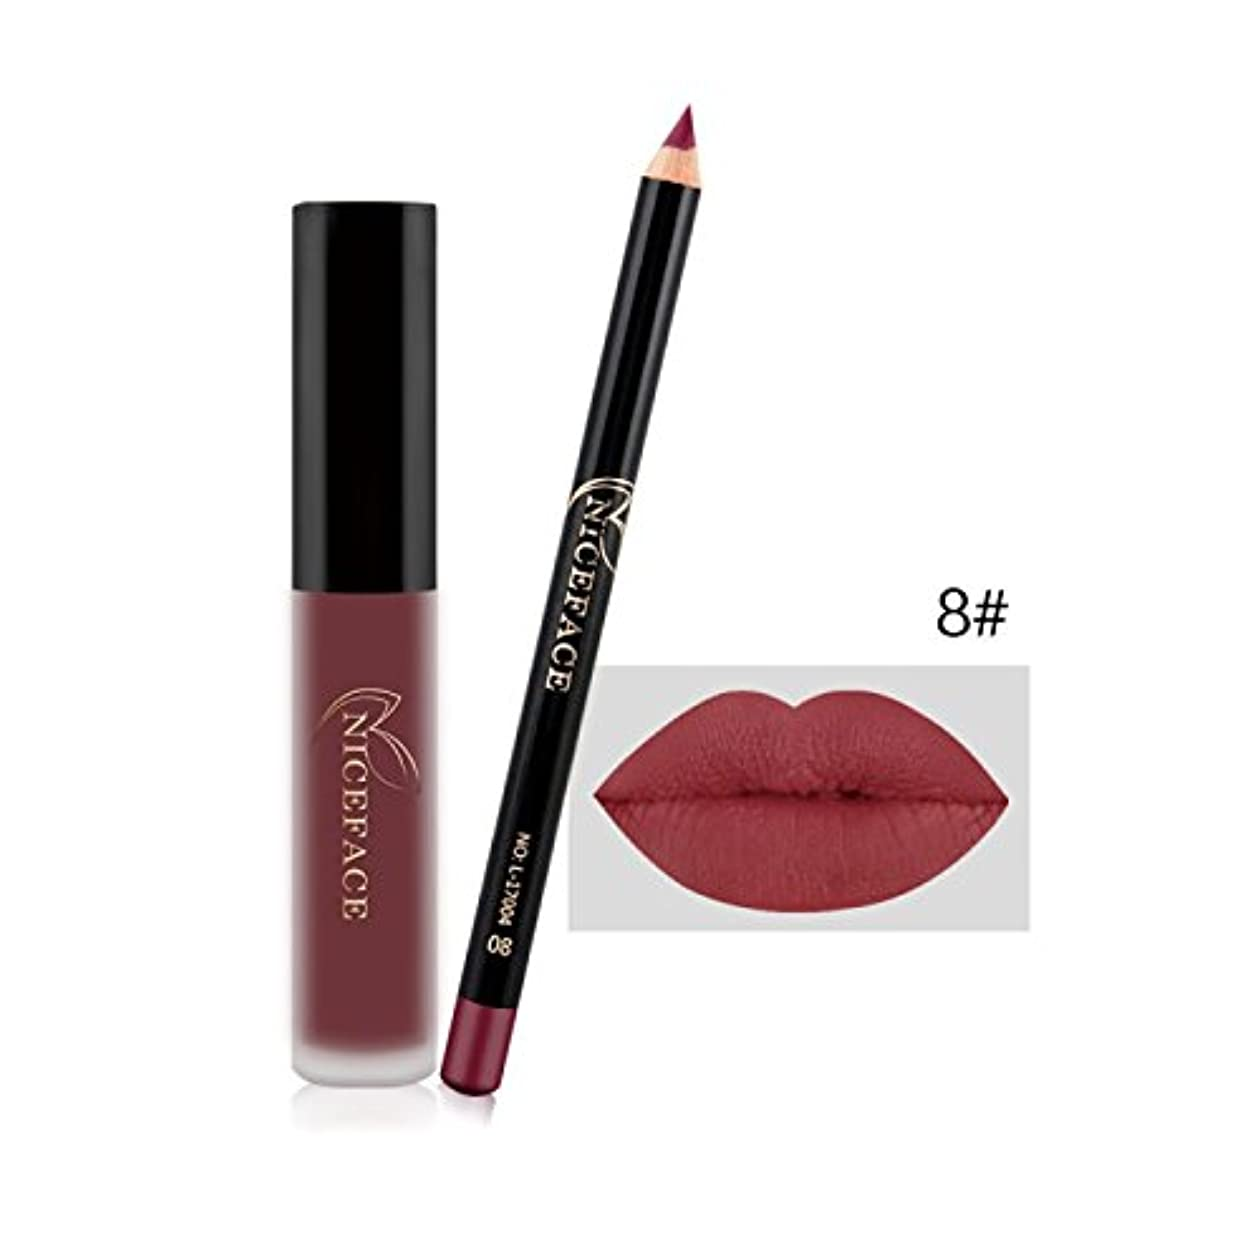 ラショナル講義壮大(8#) Makeup Set Lip Gloss + Lip Liner Set Lip Set Matte Lipstick Long Lasting Waterproof Solid Lip Pencil Liner Set Newest